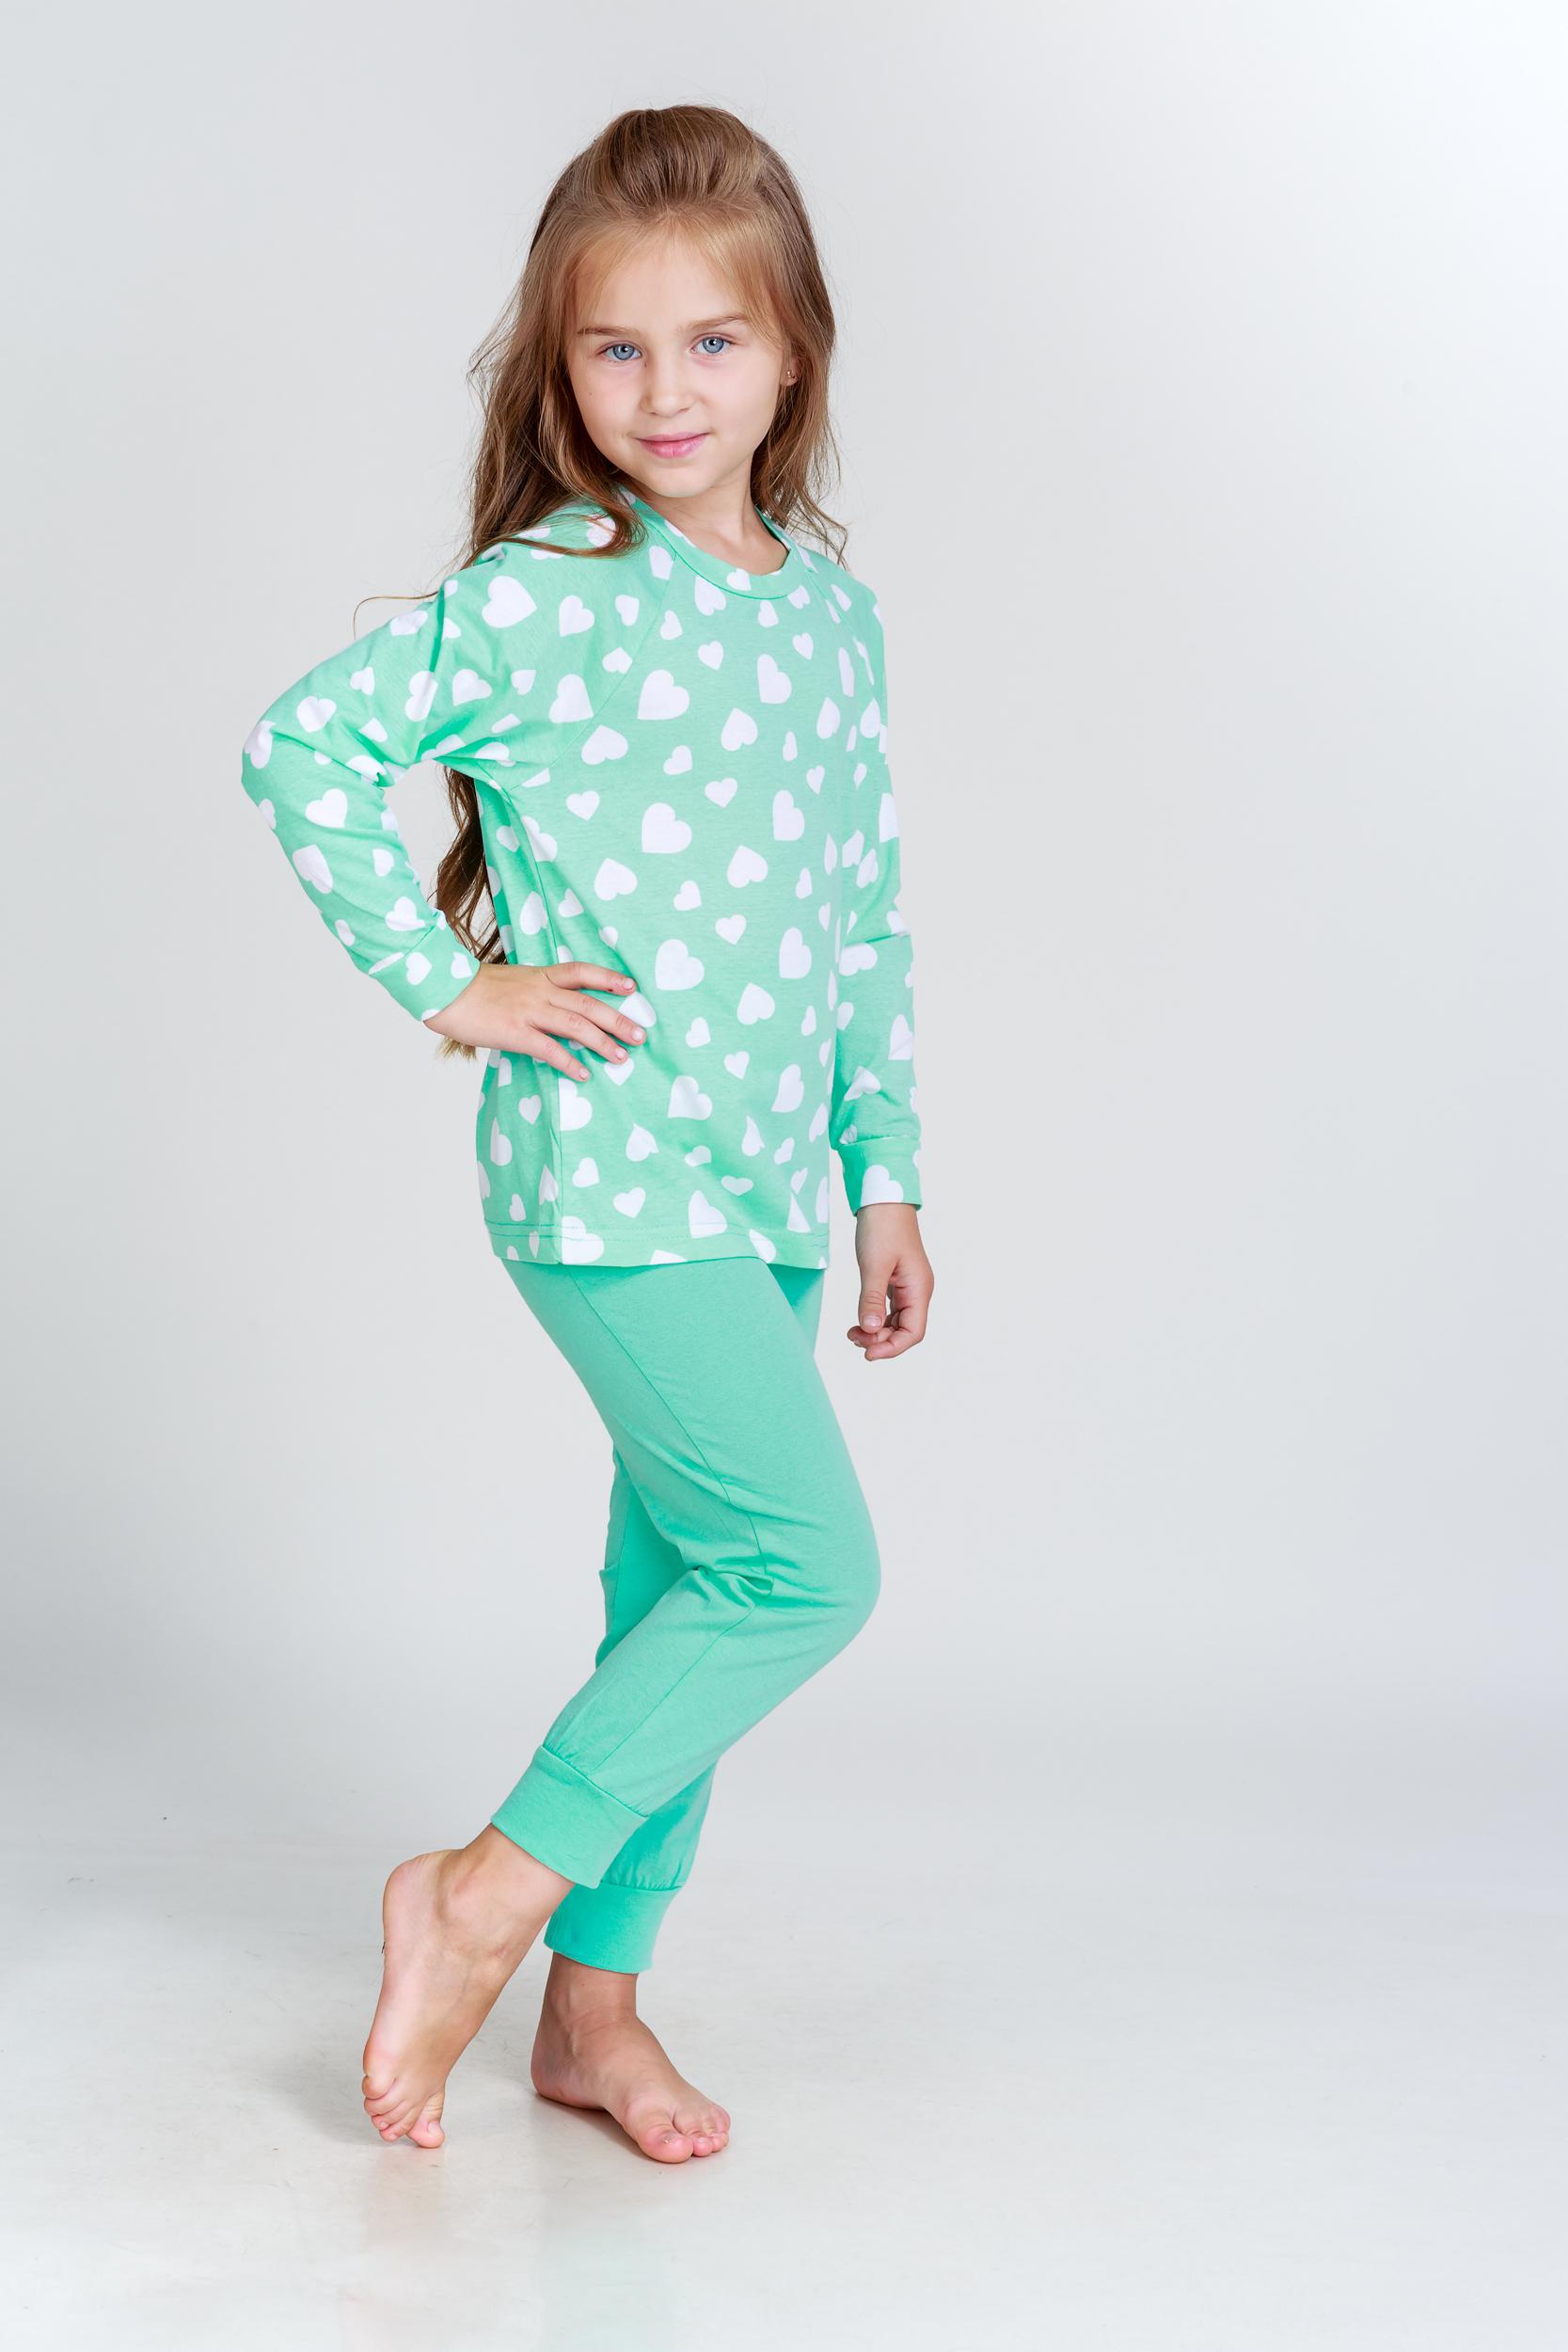 Детские пижамы Pastilla Детская пижама Стелла Цвет: Ментоловый (9-10 лет) детские пижамы pastilla детская пижама радуга цвет розовый 6 лет